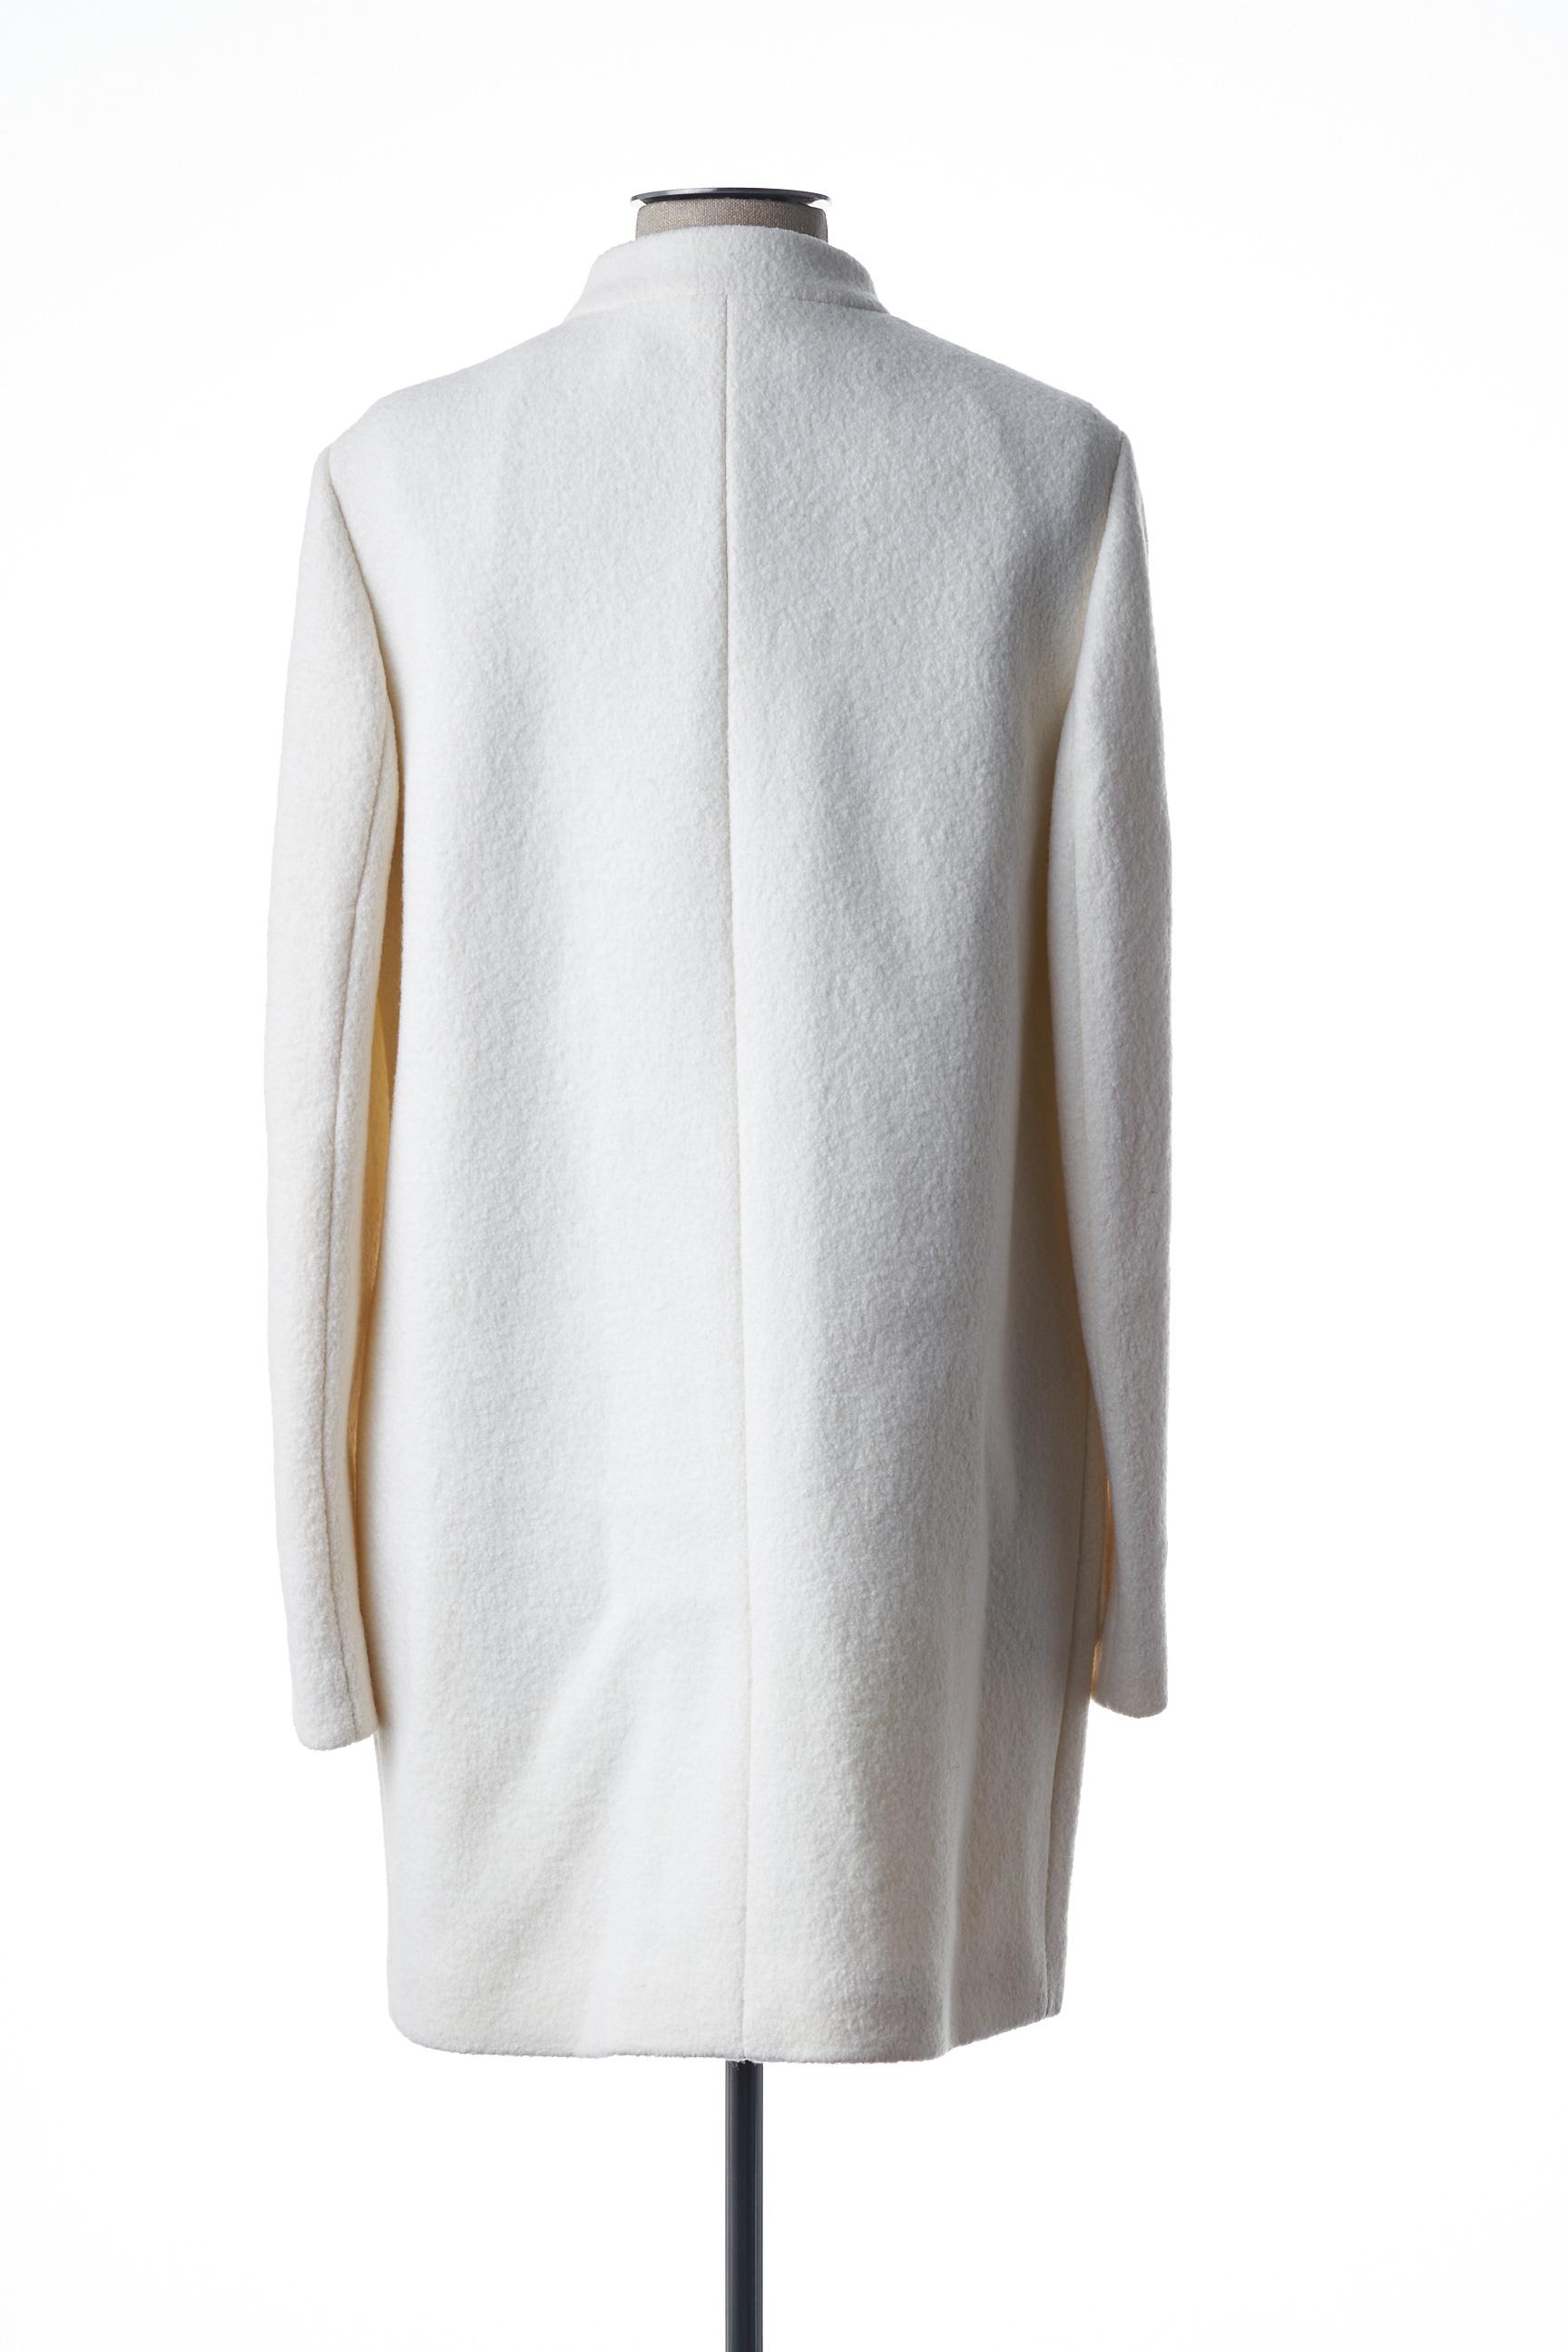 Basler Manteaux Longs Femme De Couleur Blanc En Soldes Pas